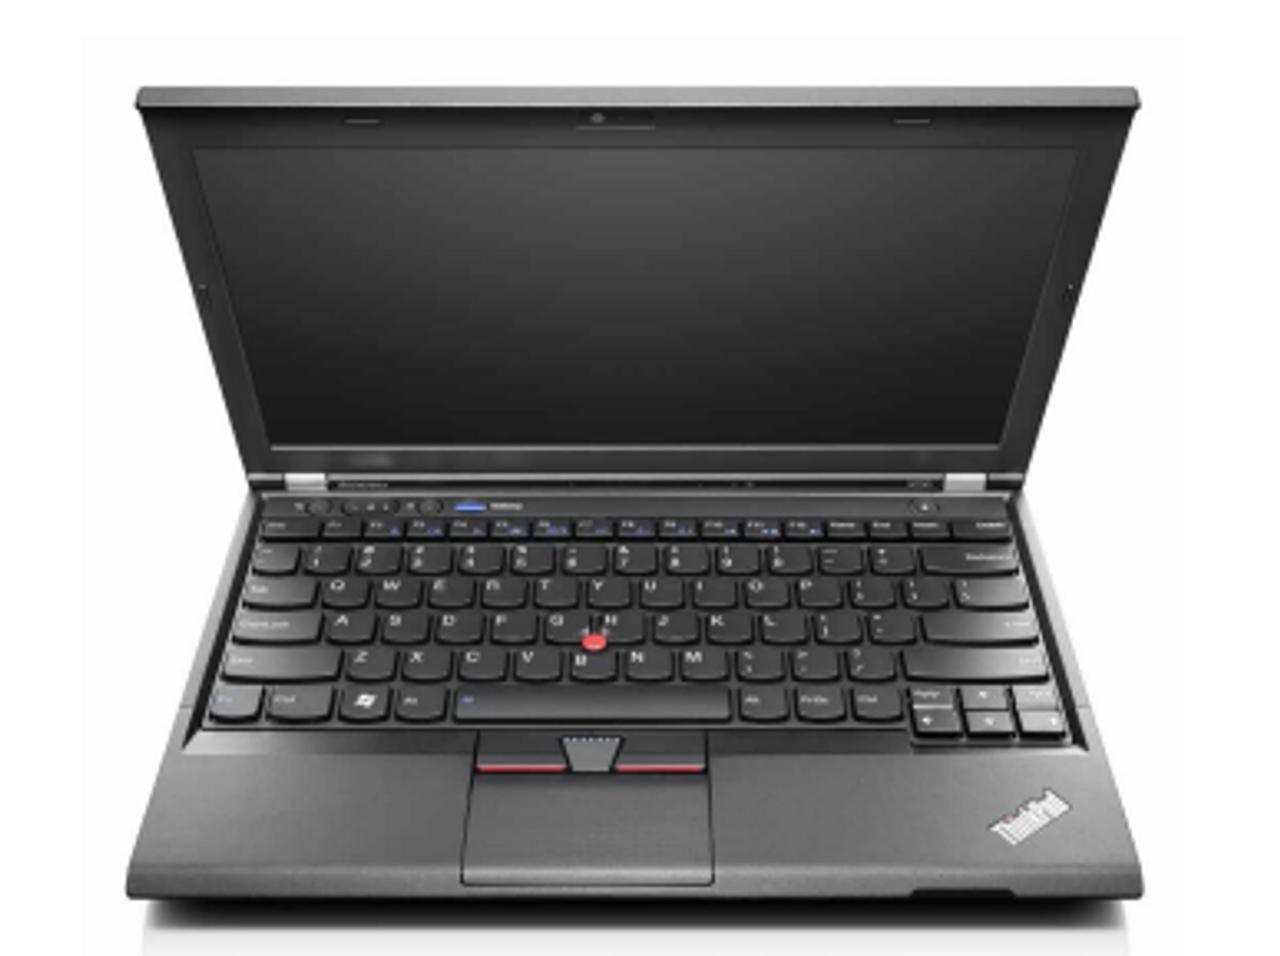 Lenovo ThinkPad X230 - Core i5 - 8GB - incl new battery